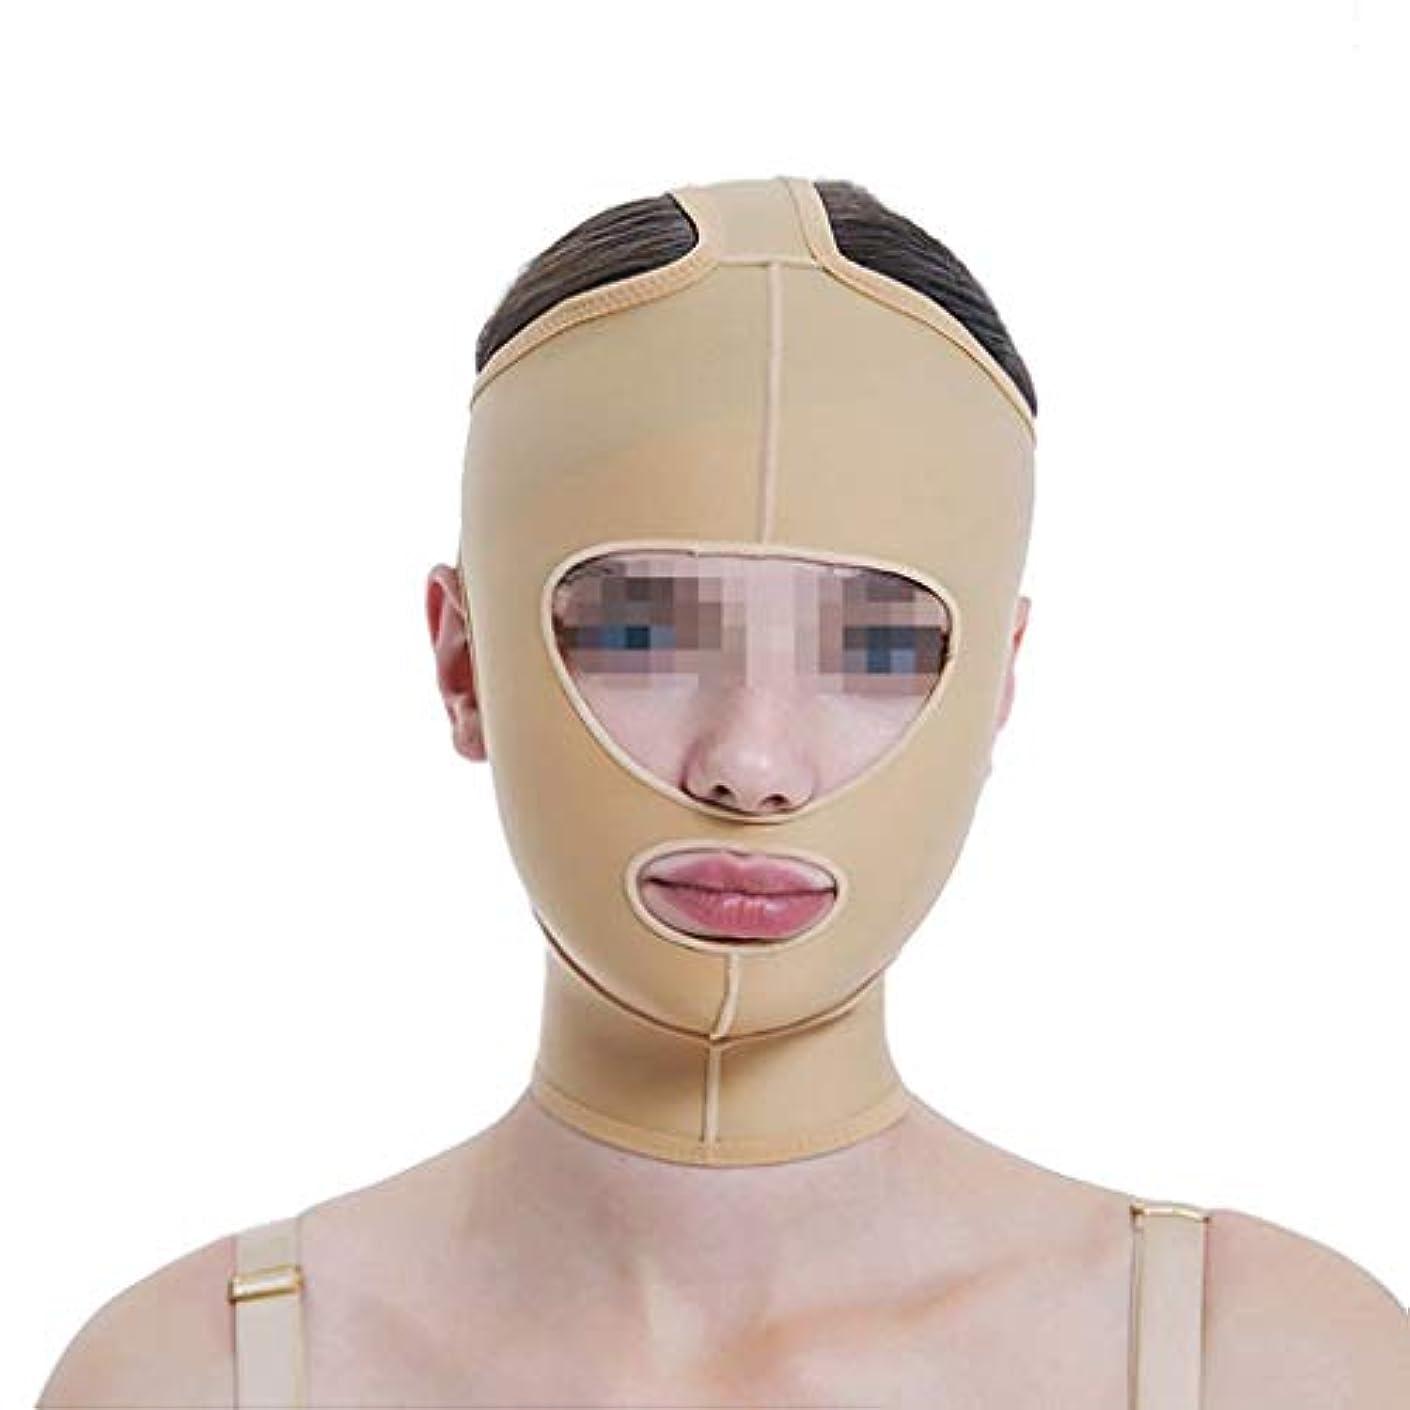 テレマコス花束バトルフェイスリフトマスク、ラインカービングフェイスエラスティックセットシンダブルチンVフェイスビームフェイスマルチサイズオプション(サイズ:M)